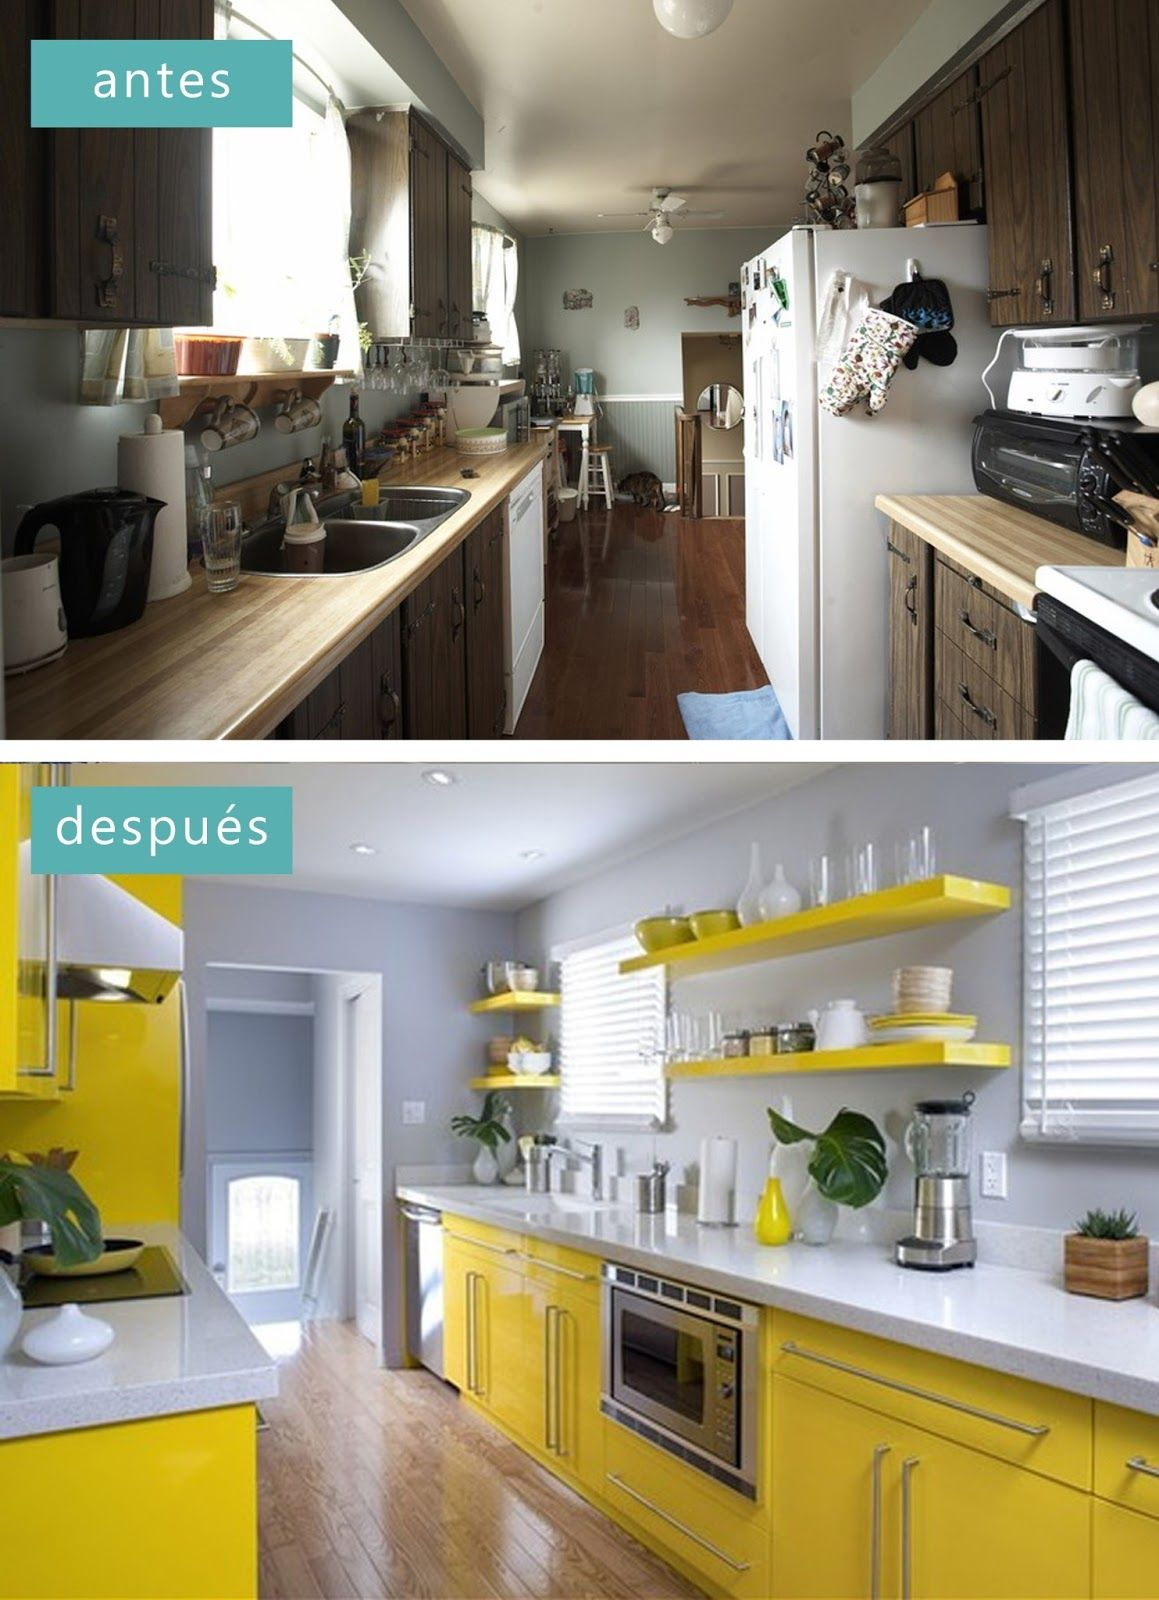 Los asaltacasas - The home heist | cocinas | Pinterest | Cocinas ...